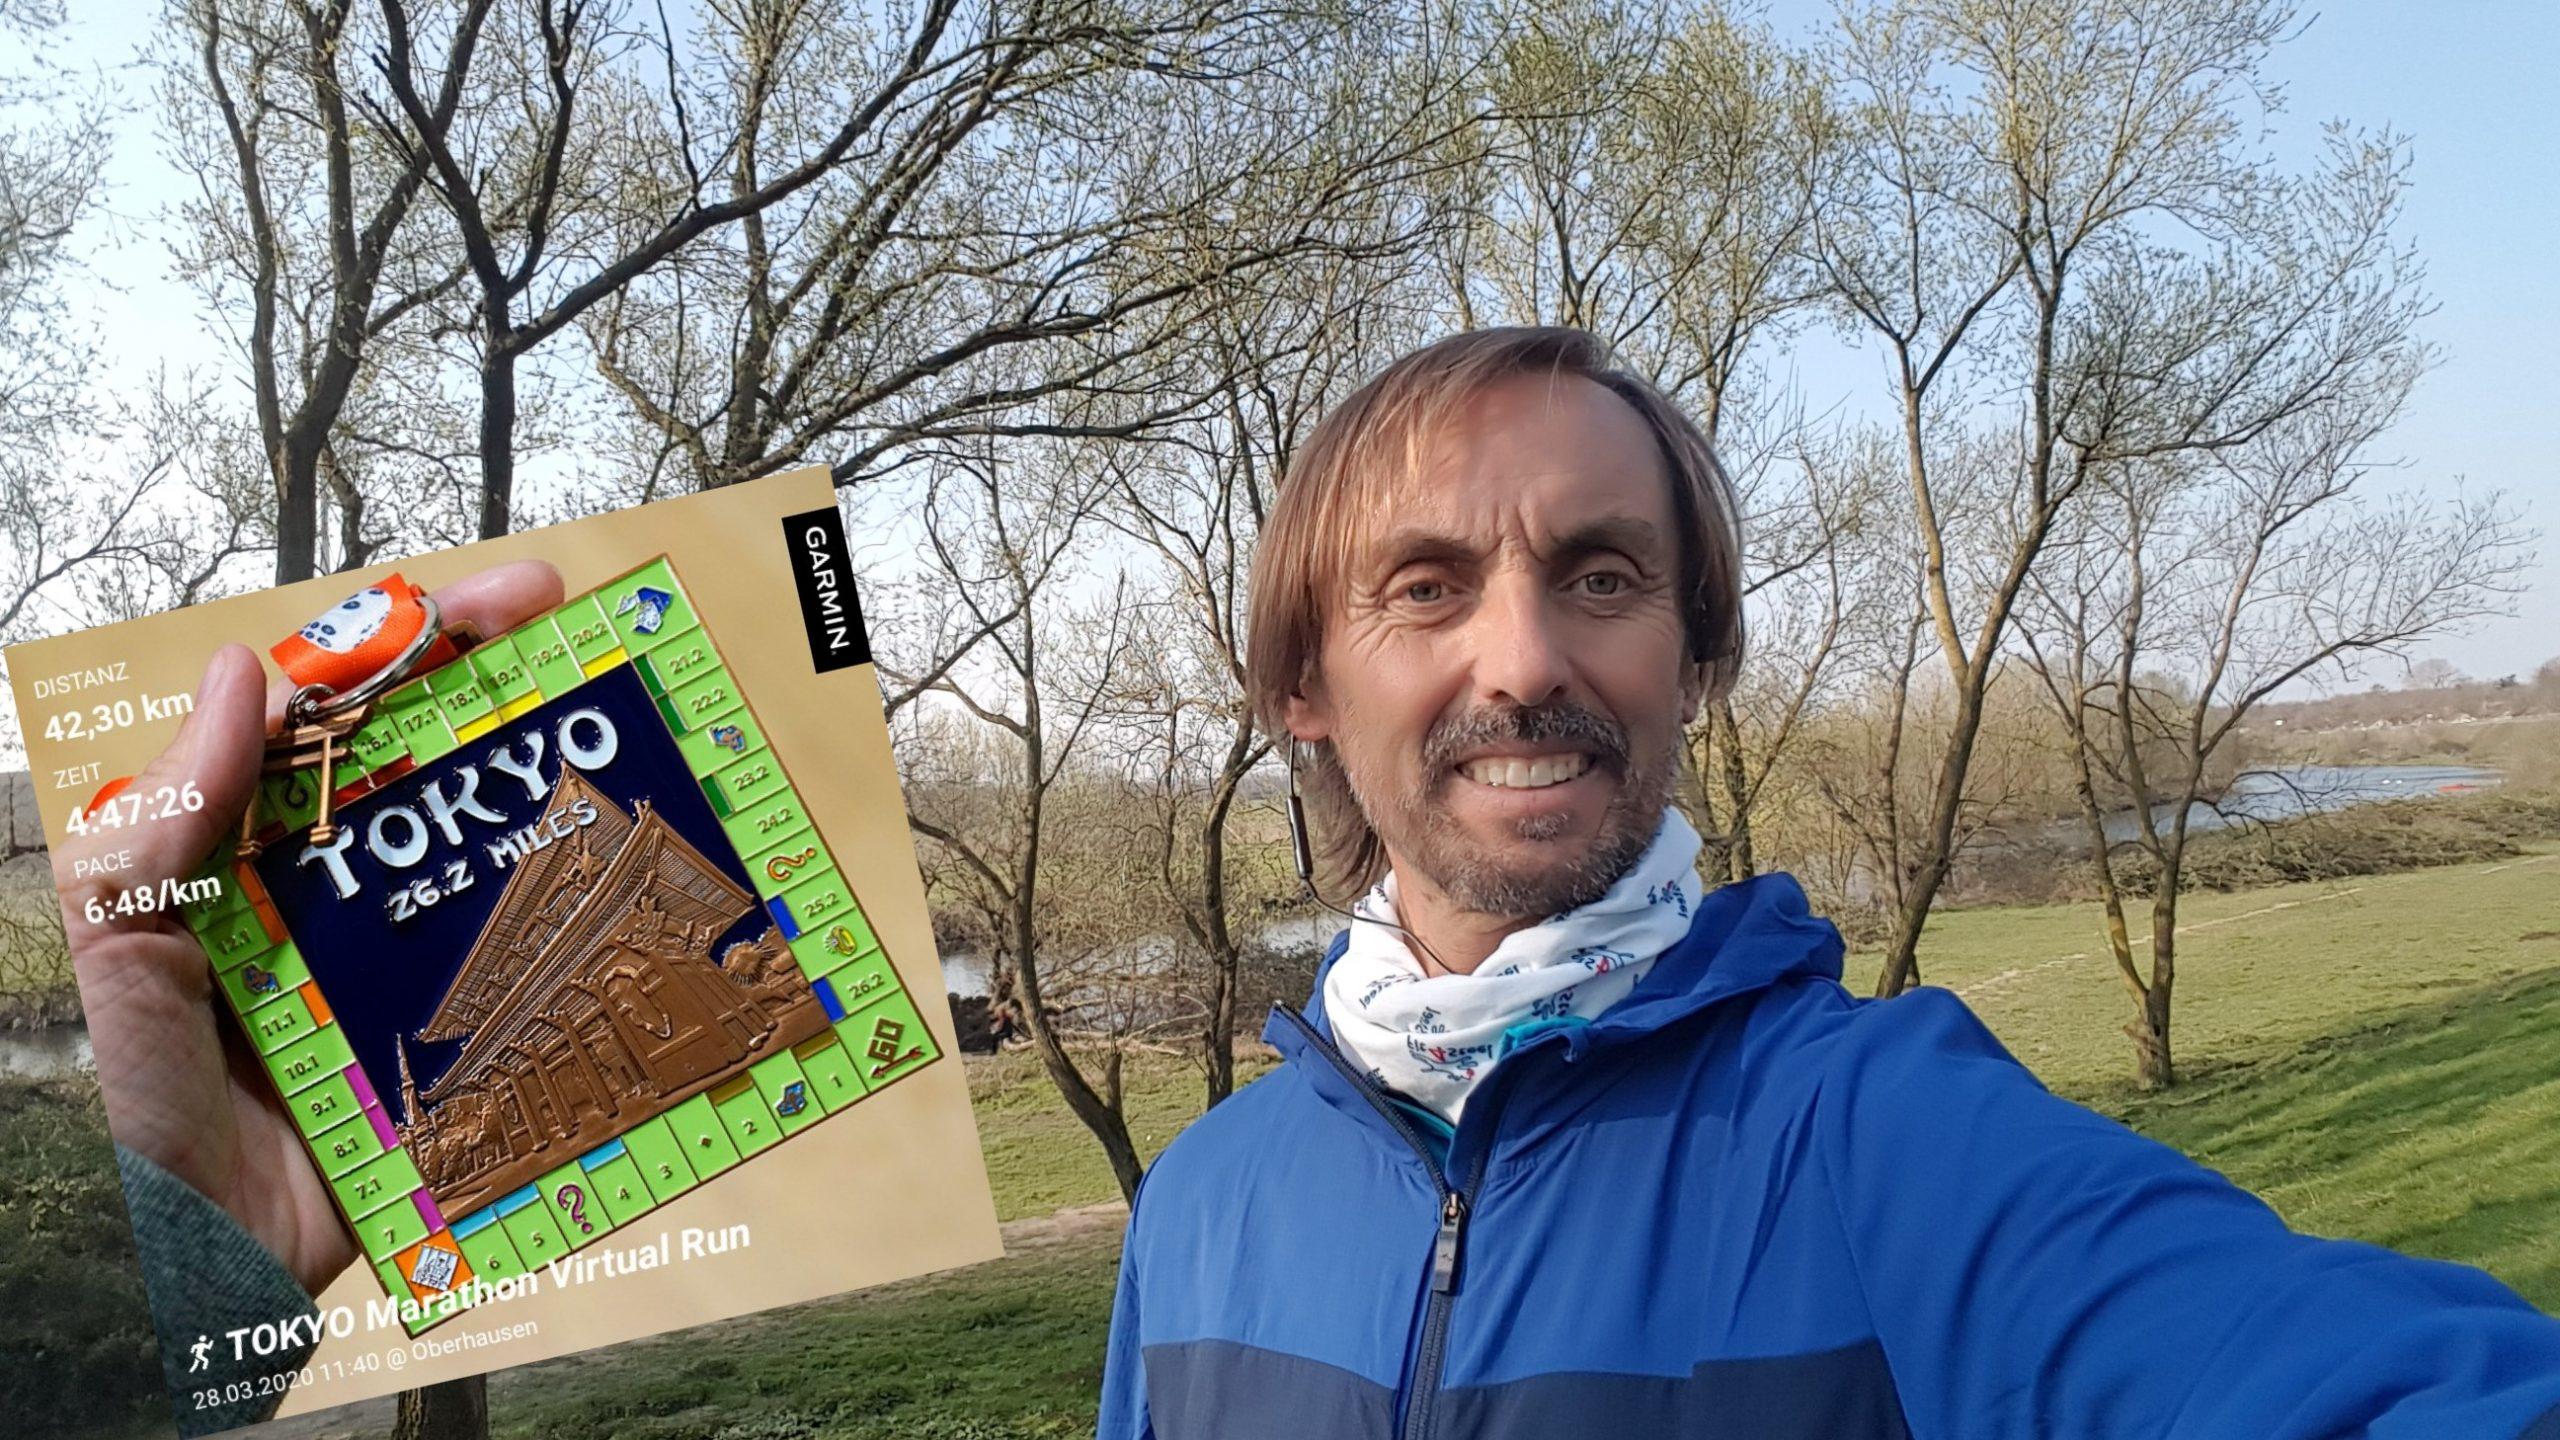 Pater Tobias aus Duisburg-Neumühl hat im Shutdown trainiert - und virtuell den Tokio-Marathon gefinished; Foto: Projekt Lebenswert